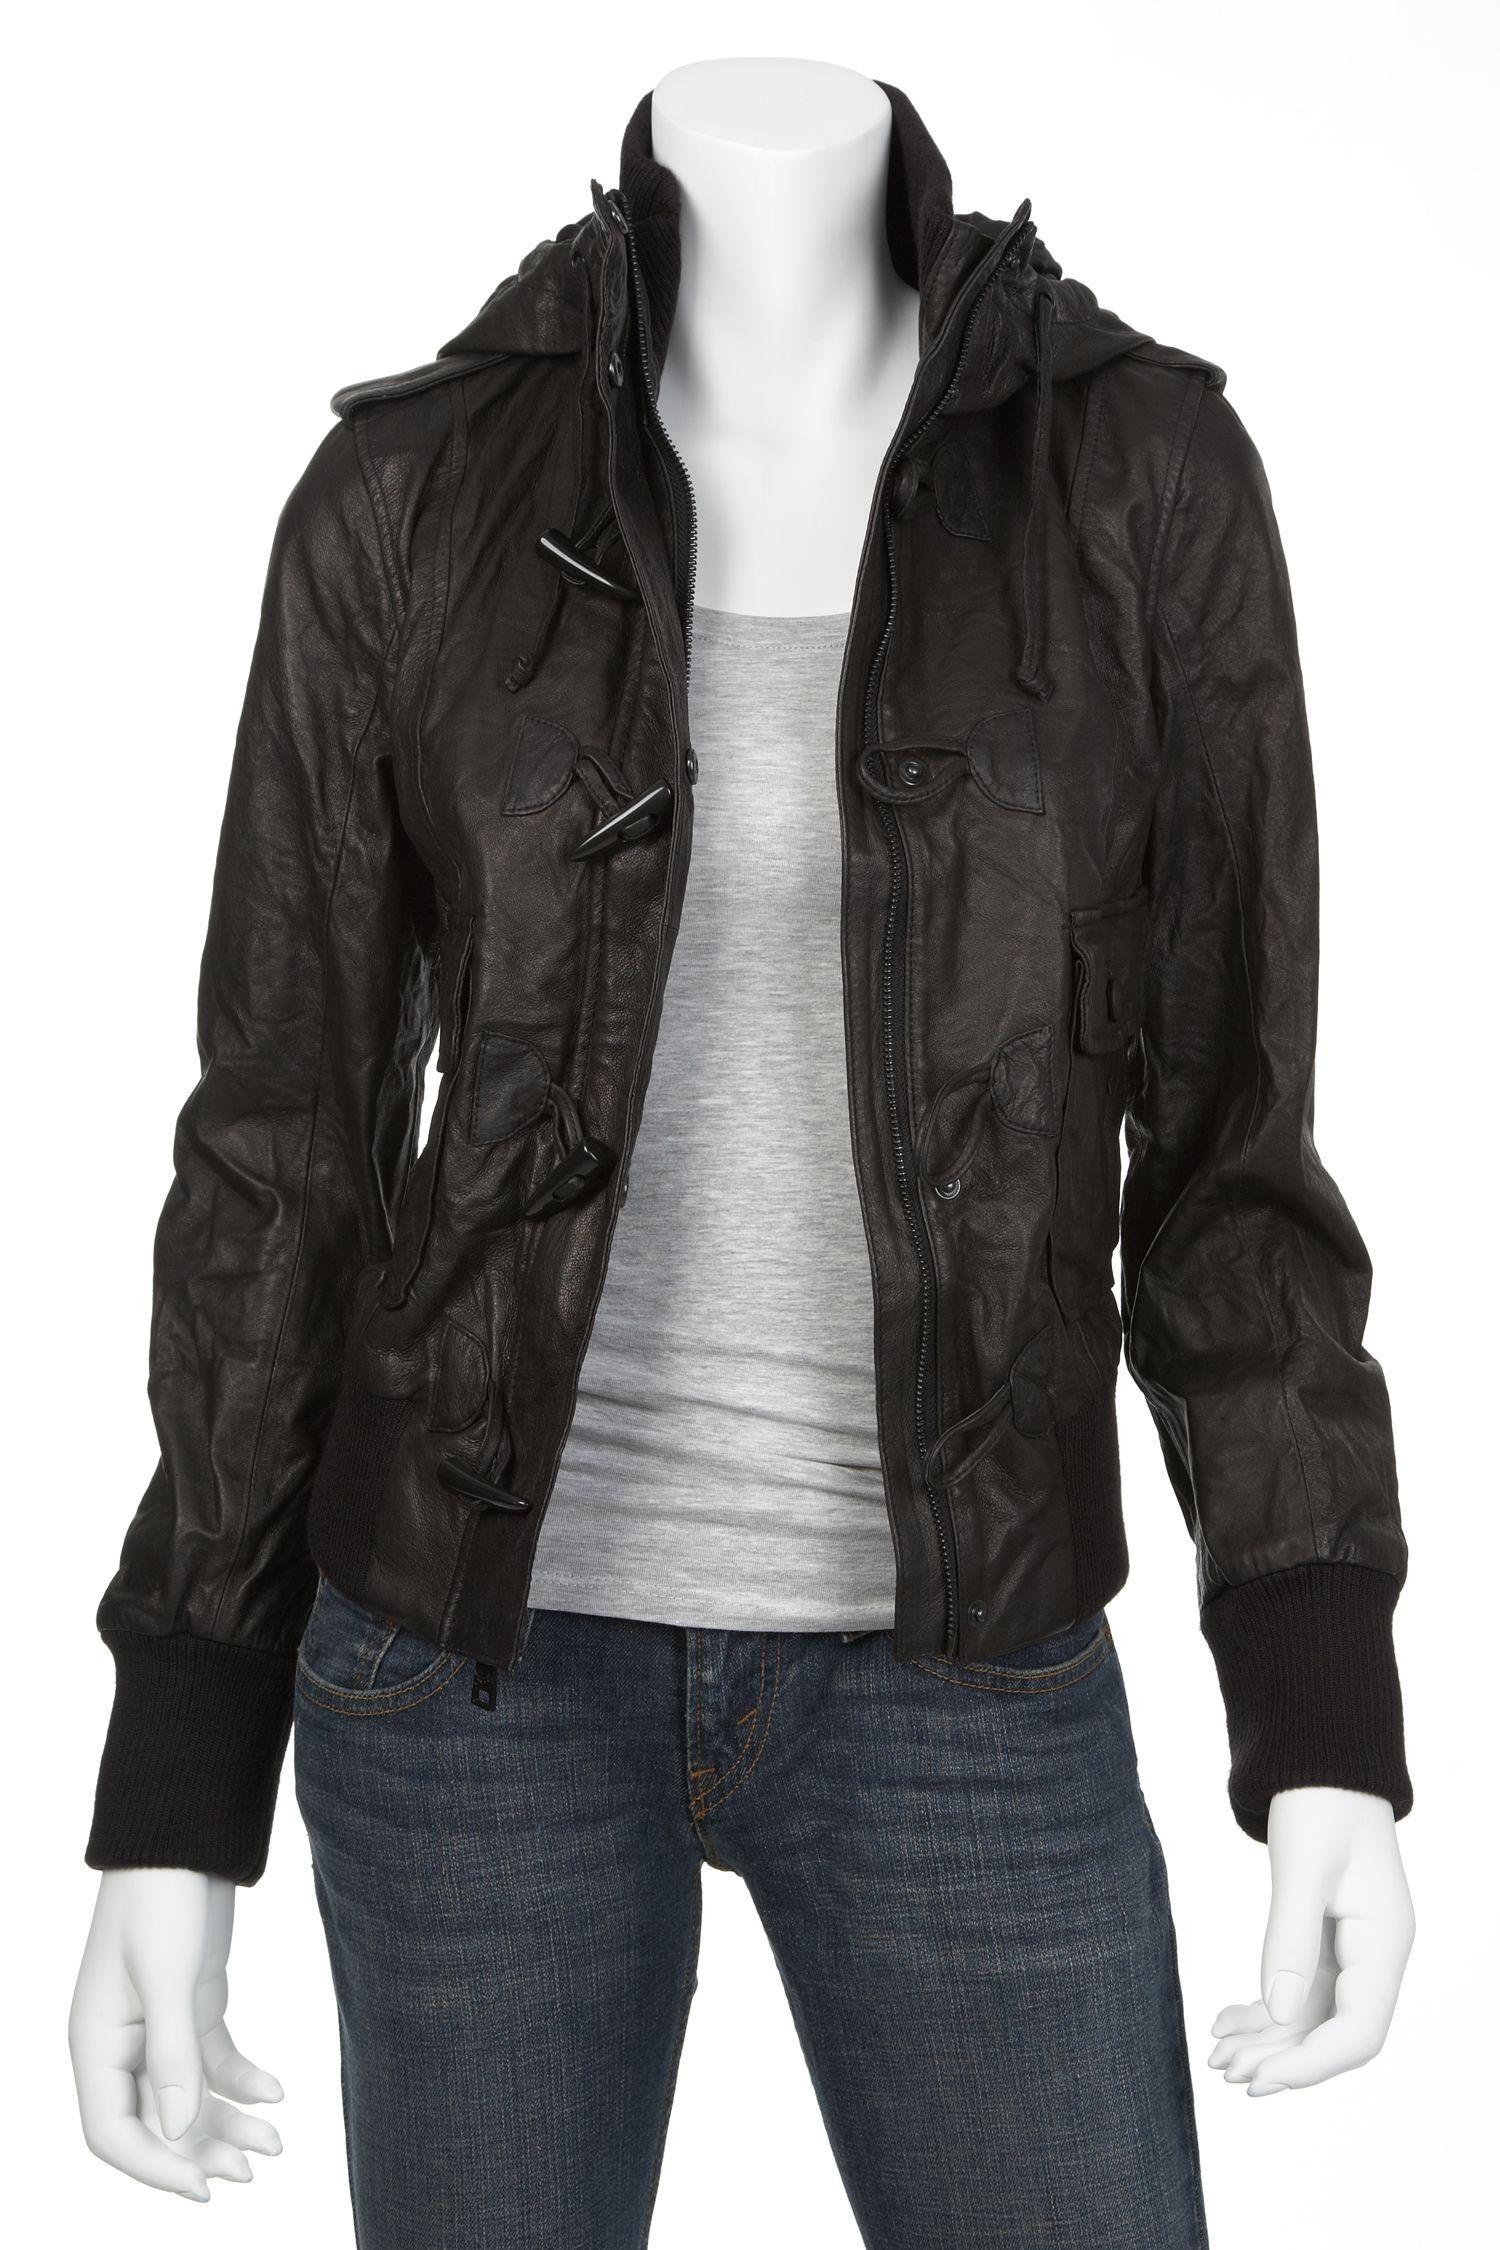 Pin By Meagan Elliott On Stylinnn Leather Jackets Women Leather Hoodie Jackets [ 2250 x 1500 Pixel ]